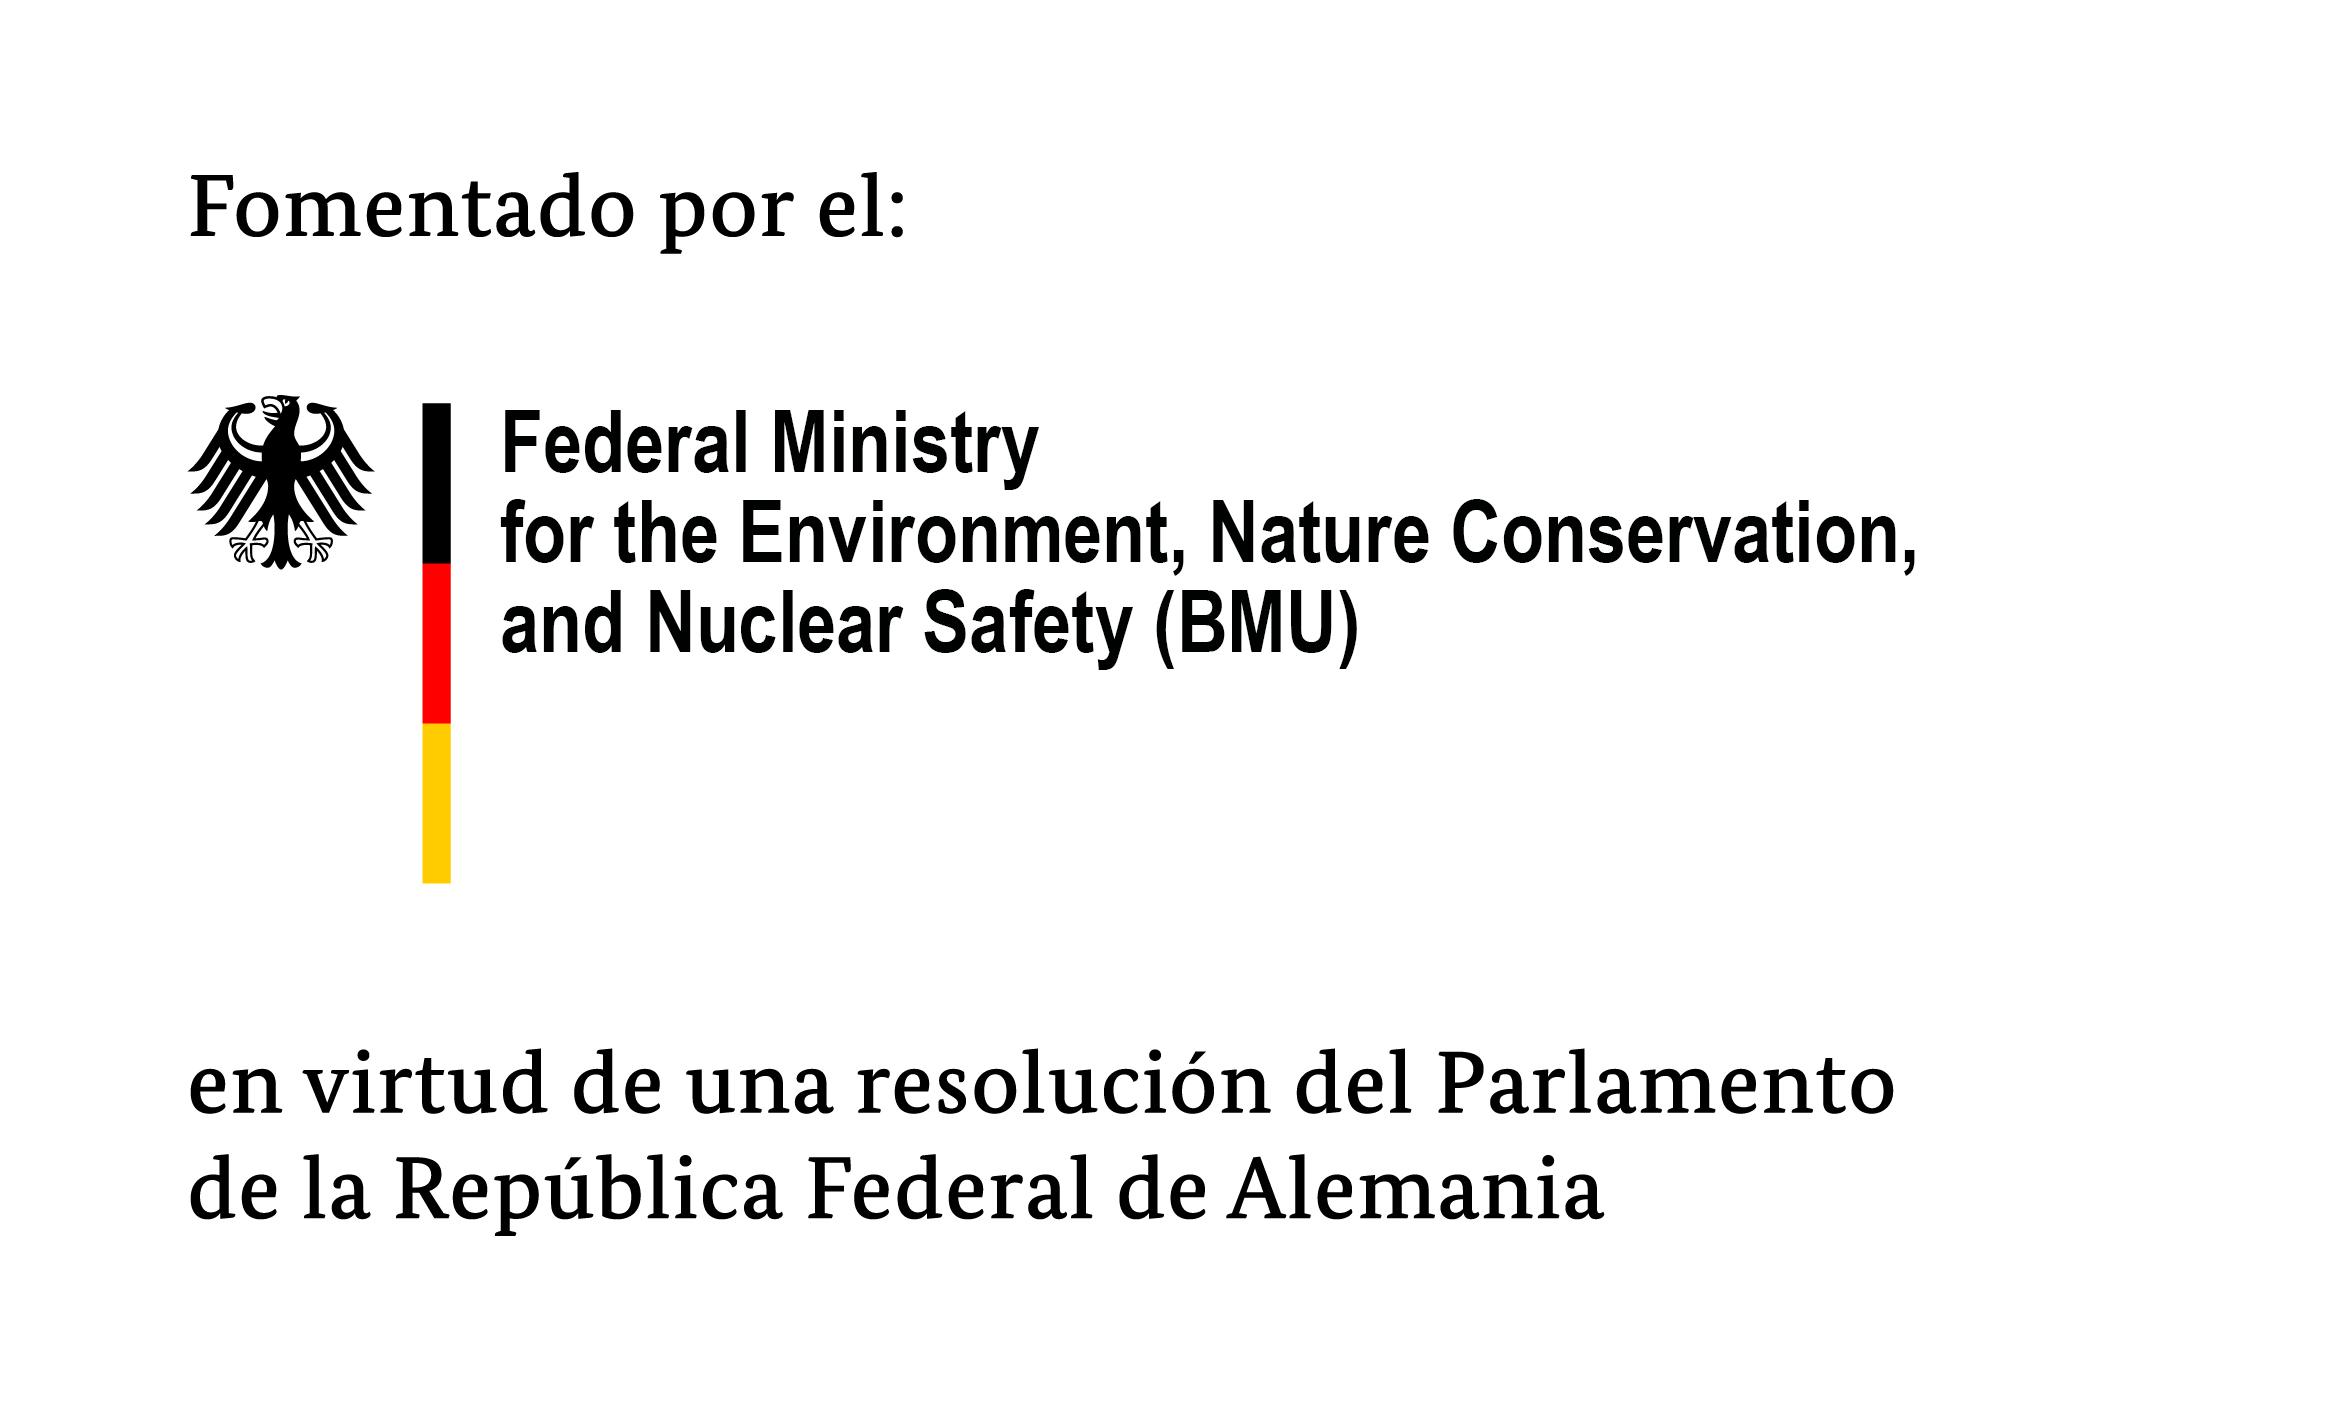 MInisterio Federal de Medio Ambiente, Protección de la Naturaleza y Seguridad Nuclear